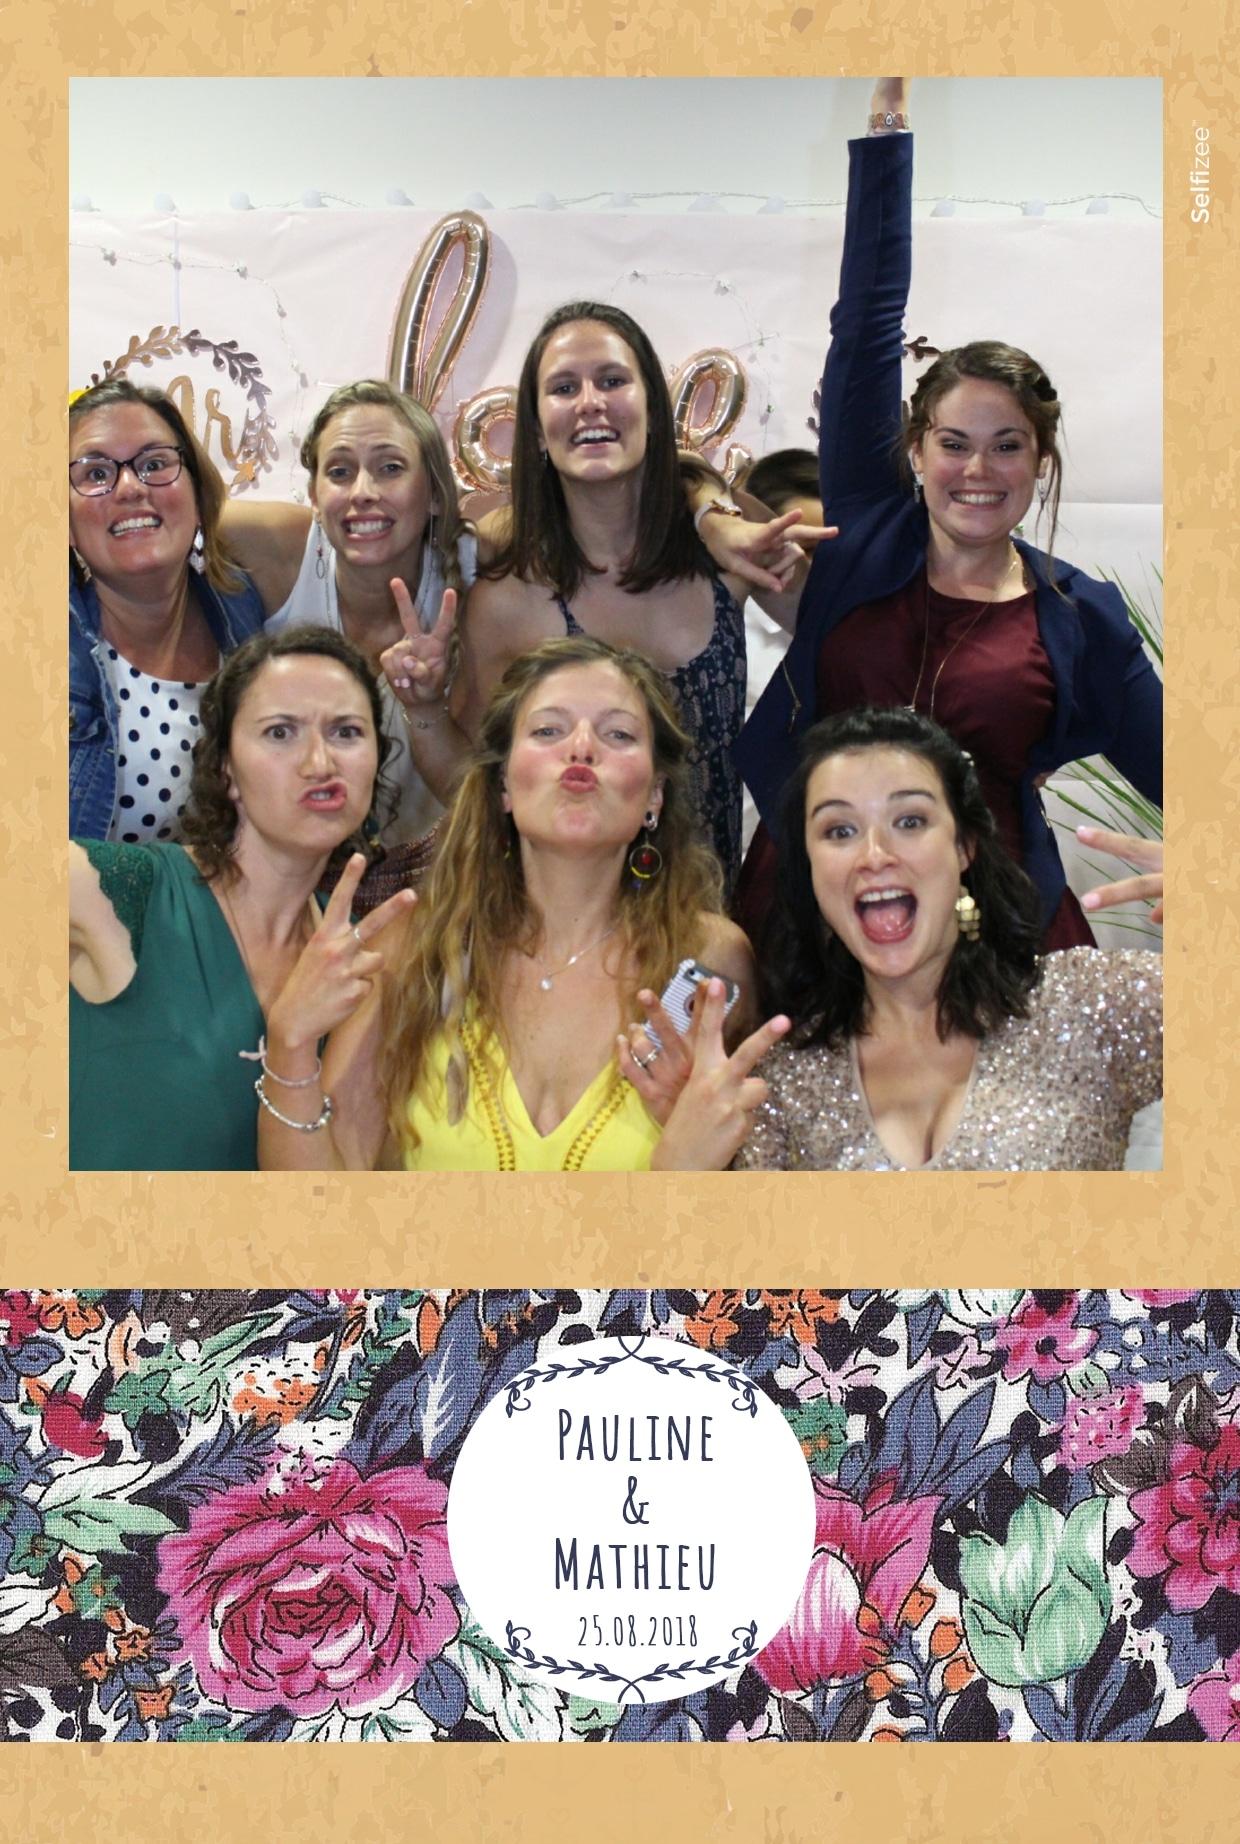 Animation borne selfie avec impressions photos immédiates - box photo à louer pour fête mariage à Brest ou dans le Finistère